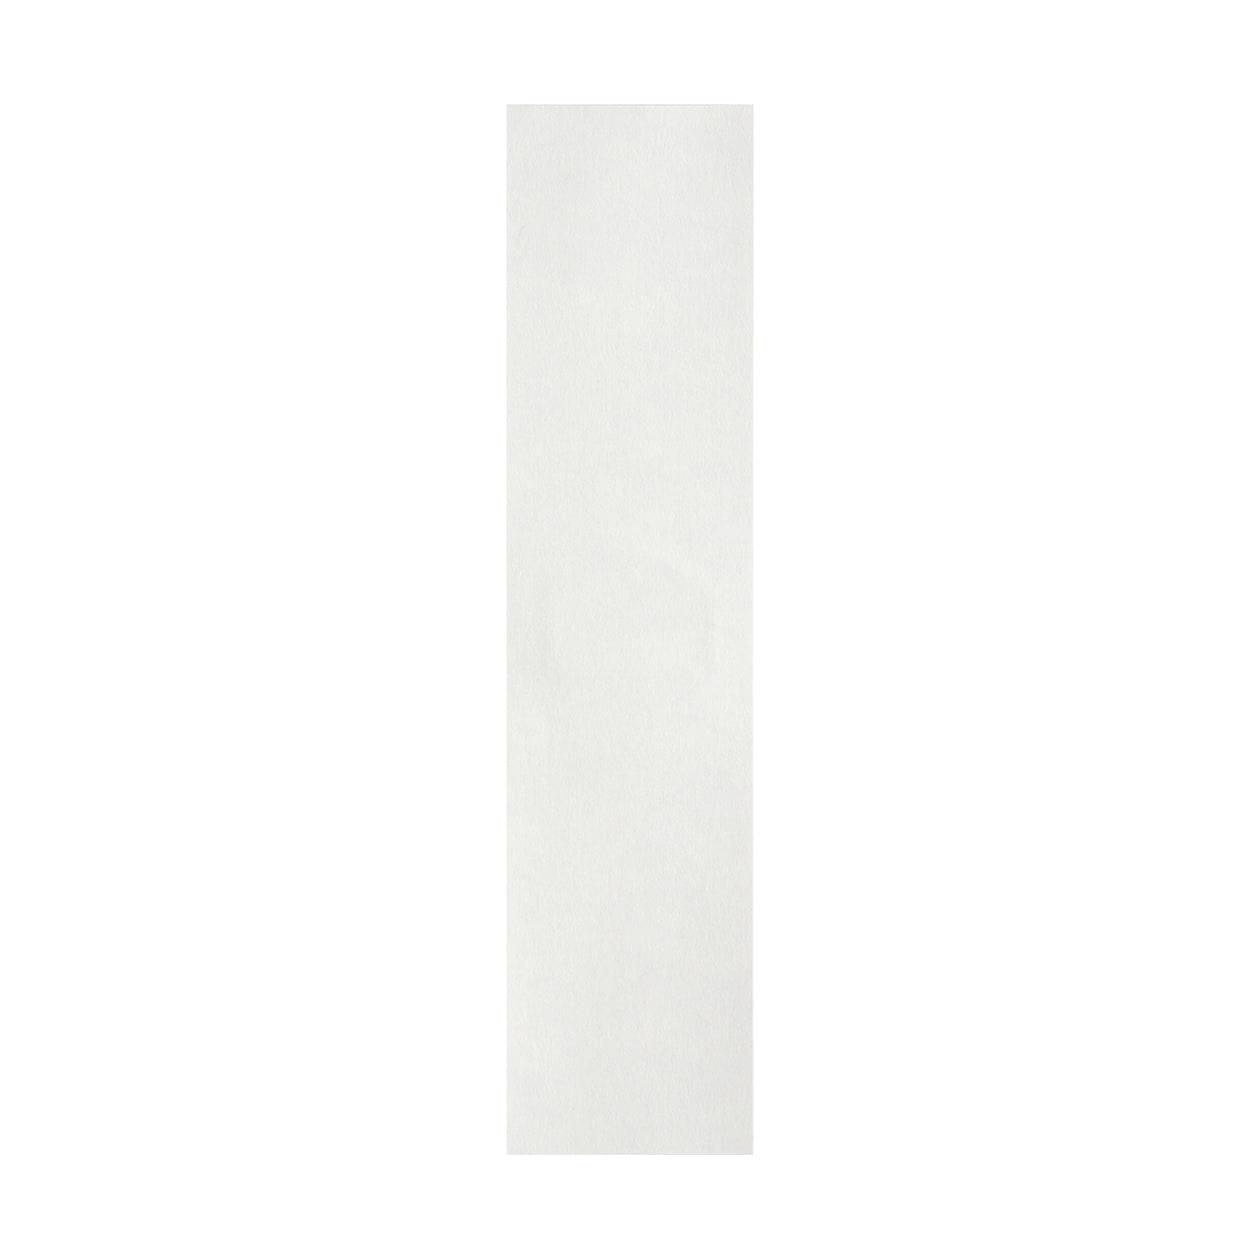 サンプル カード・シート 00430